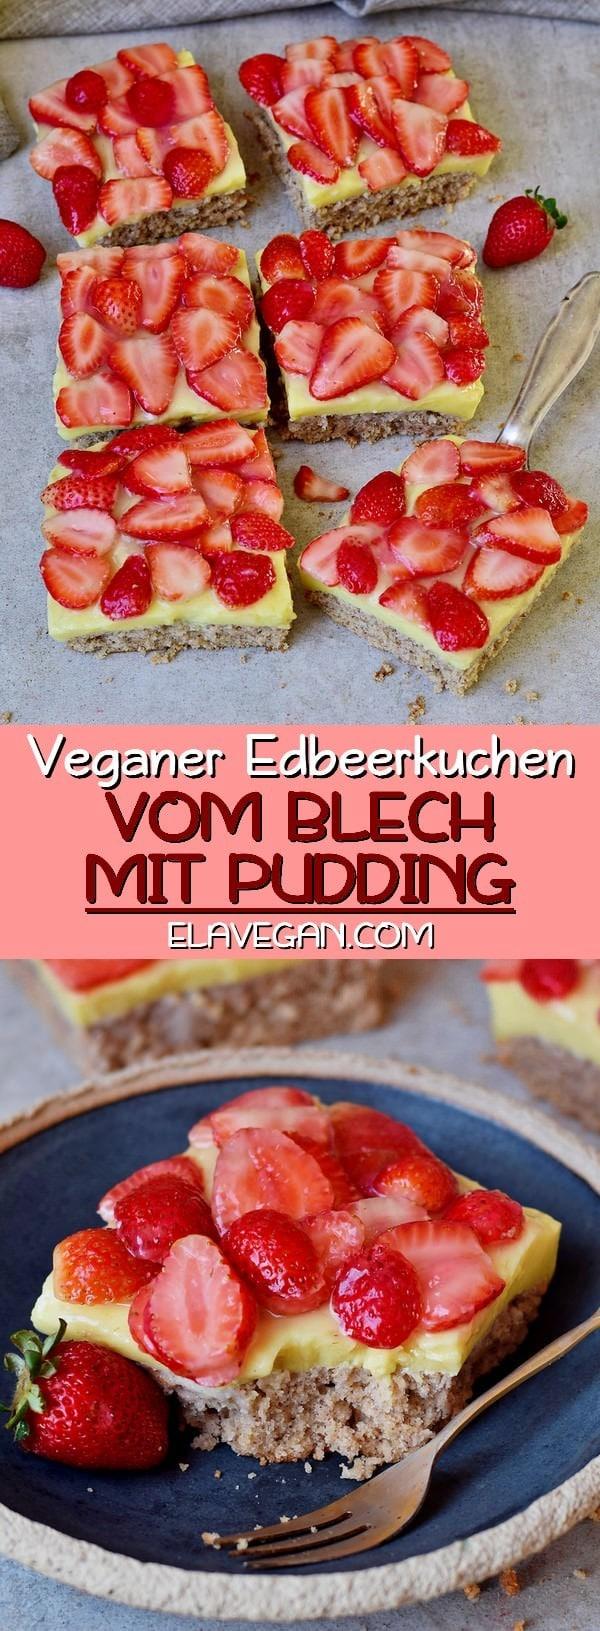 Veganer Erdbeerkuchen vom Blech mit Pudding